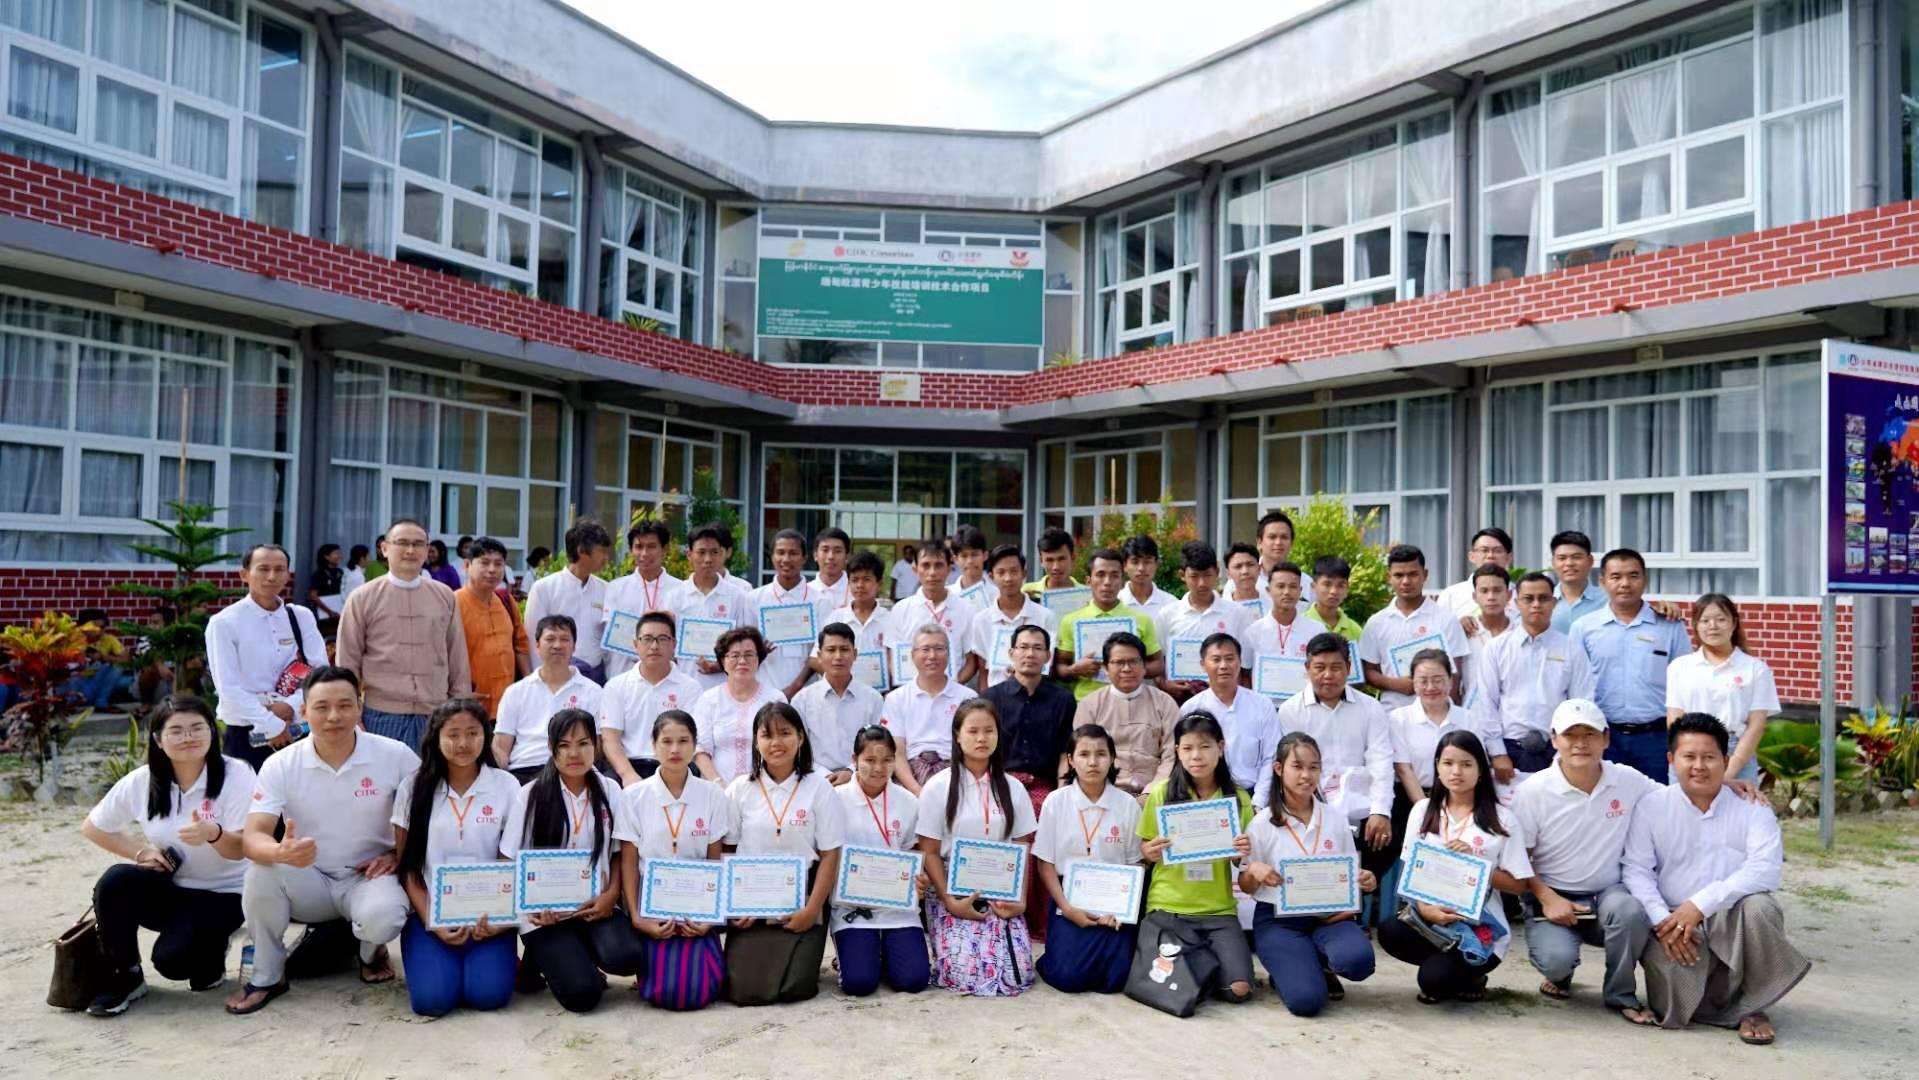 中信联合体助力缅甸青年职业发展